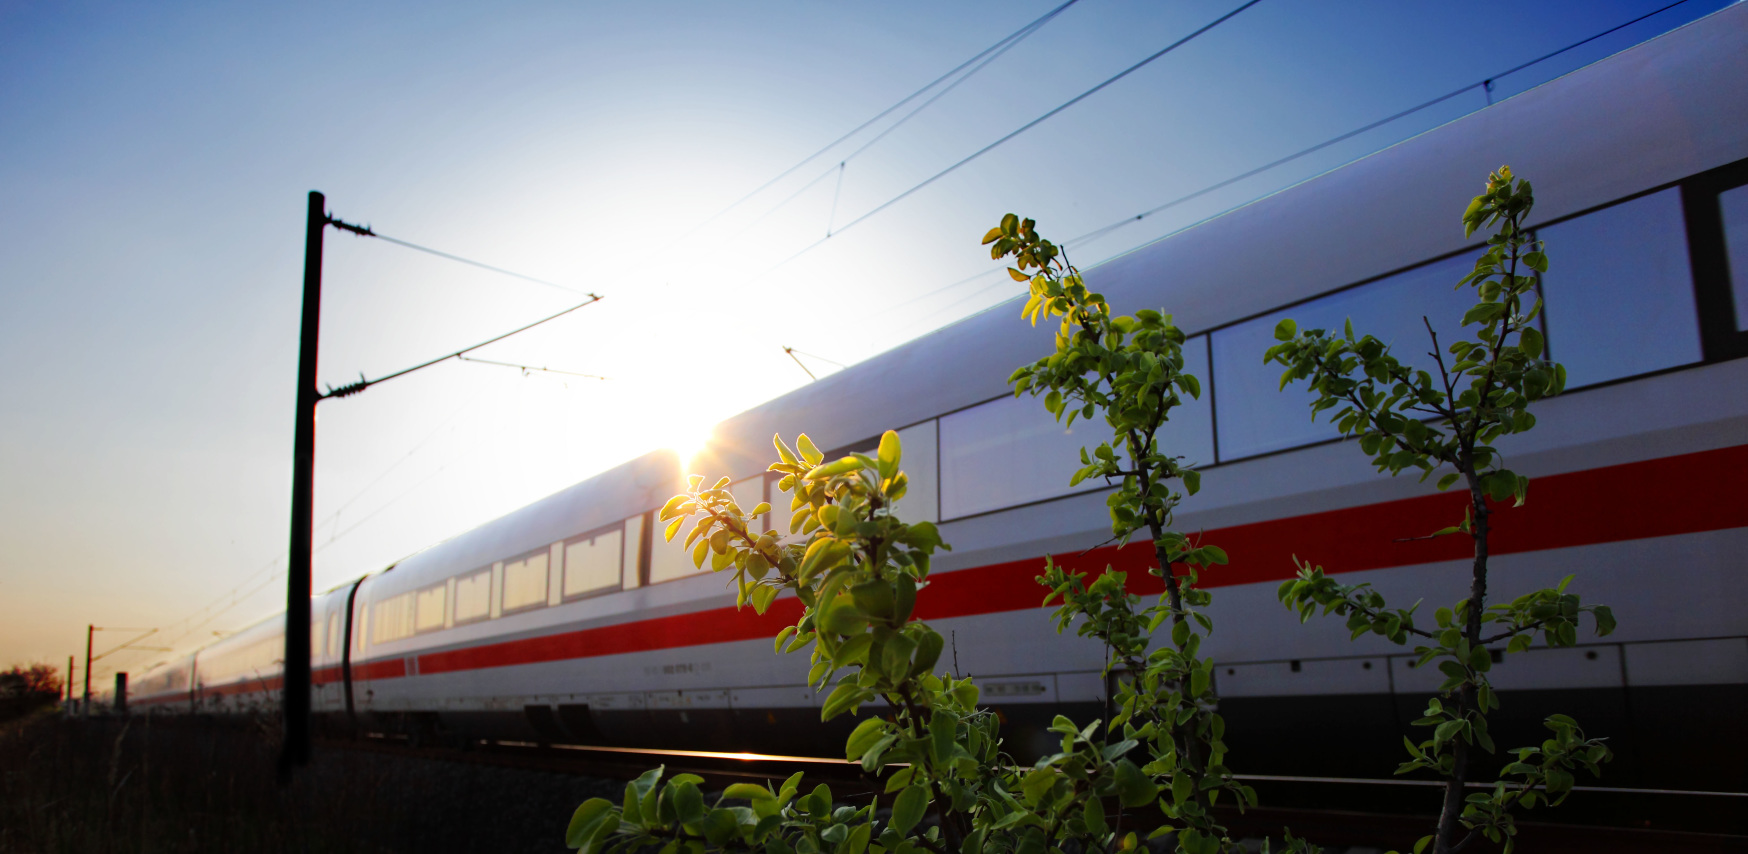 Bahn Nacht-ICE